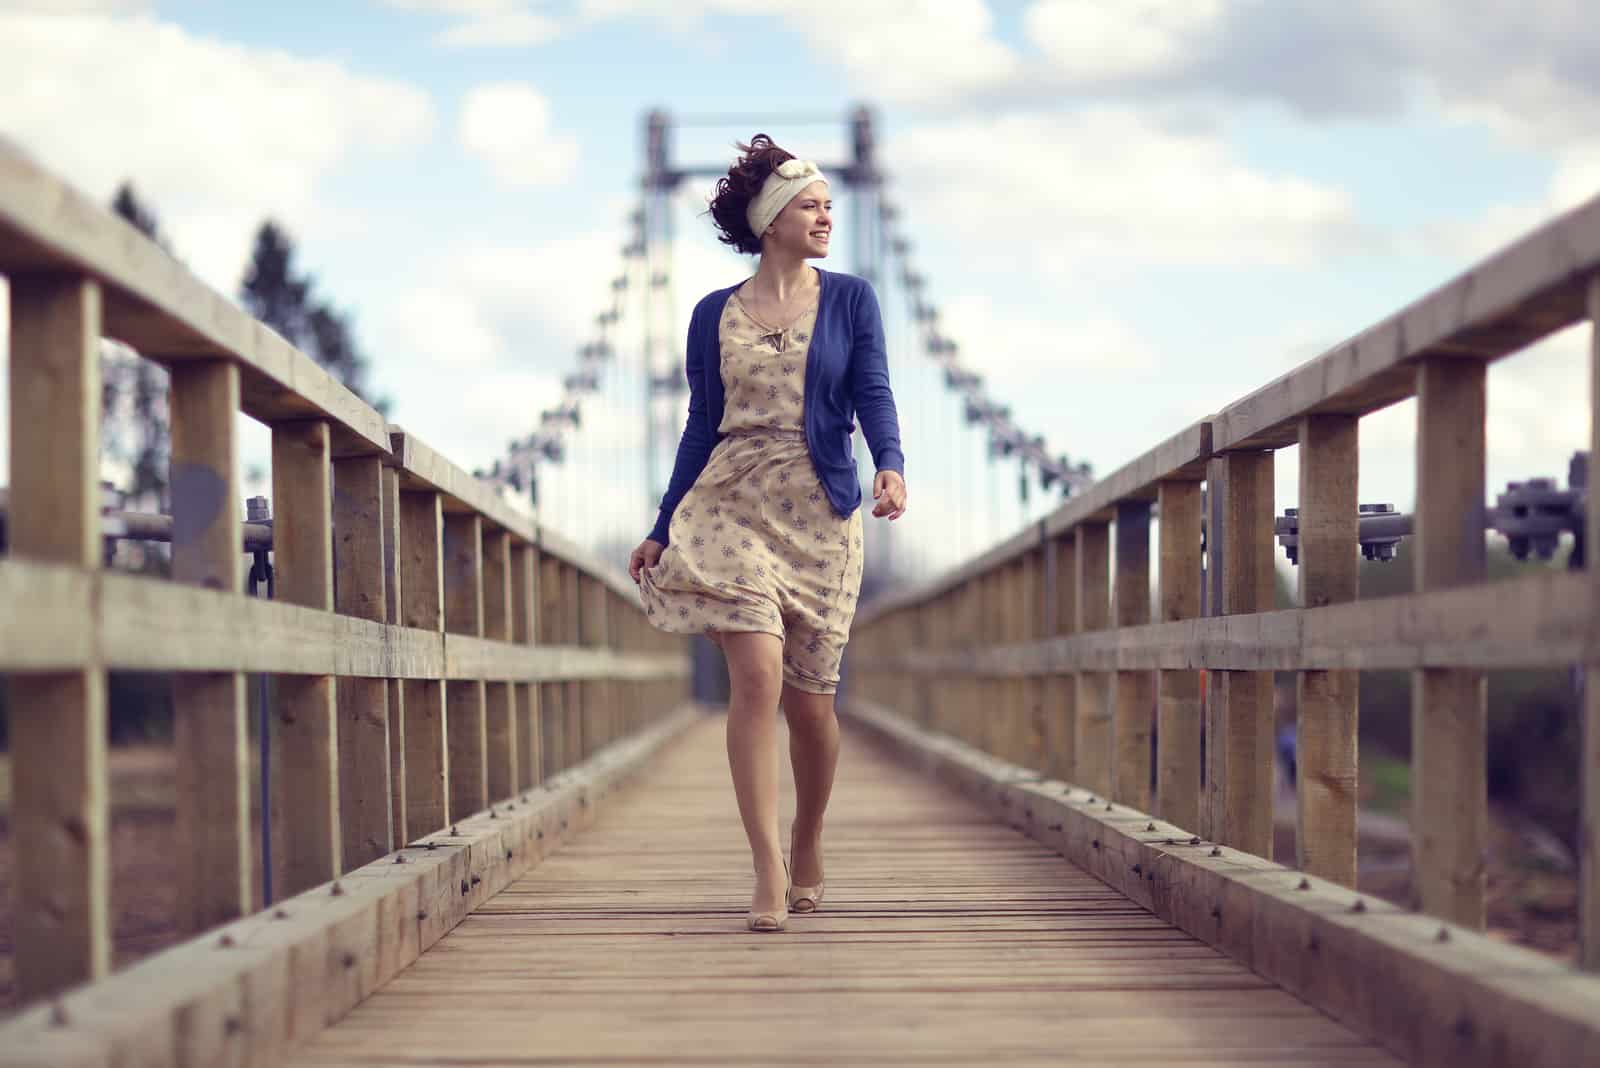 robe fille heureuse passe sur le pont